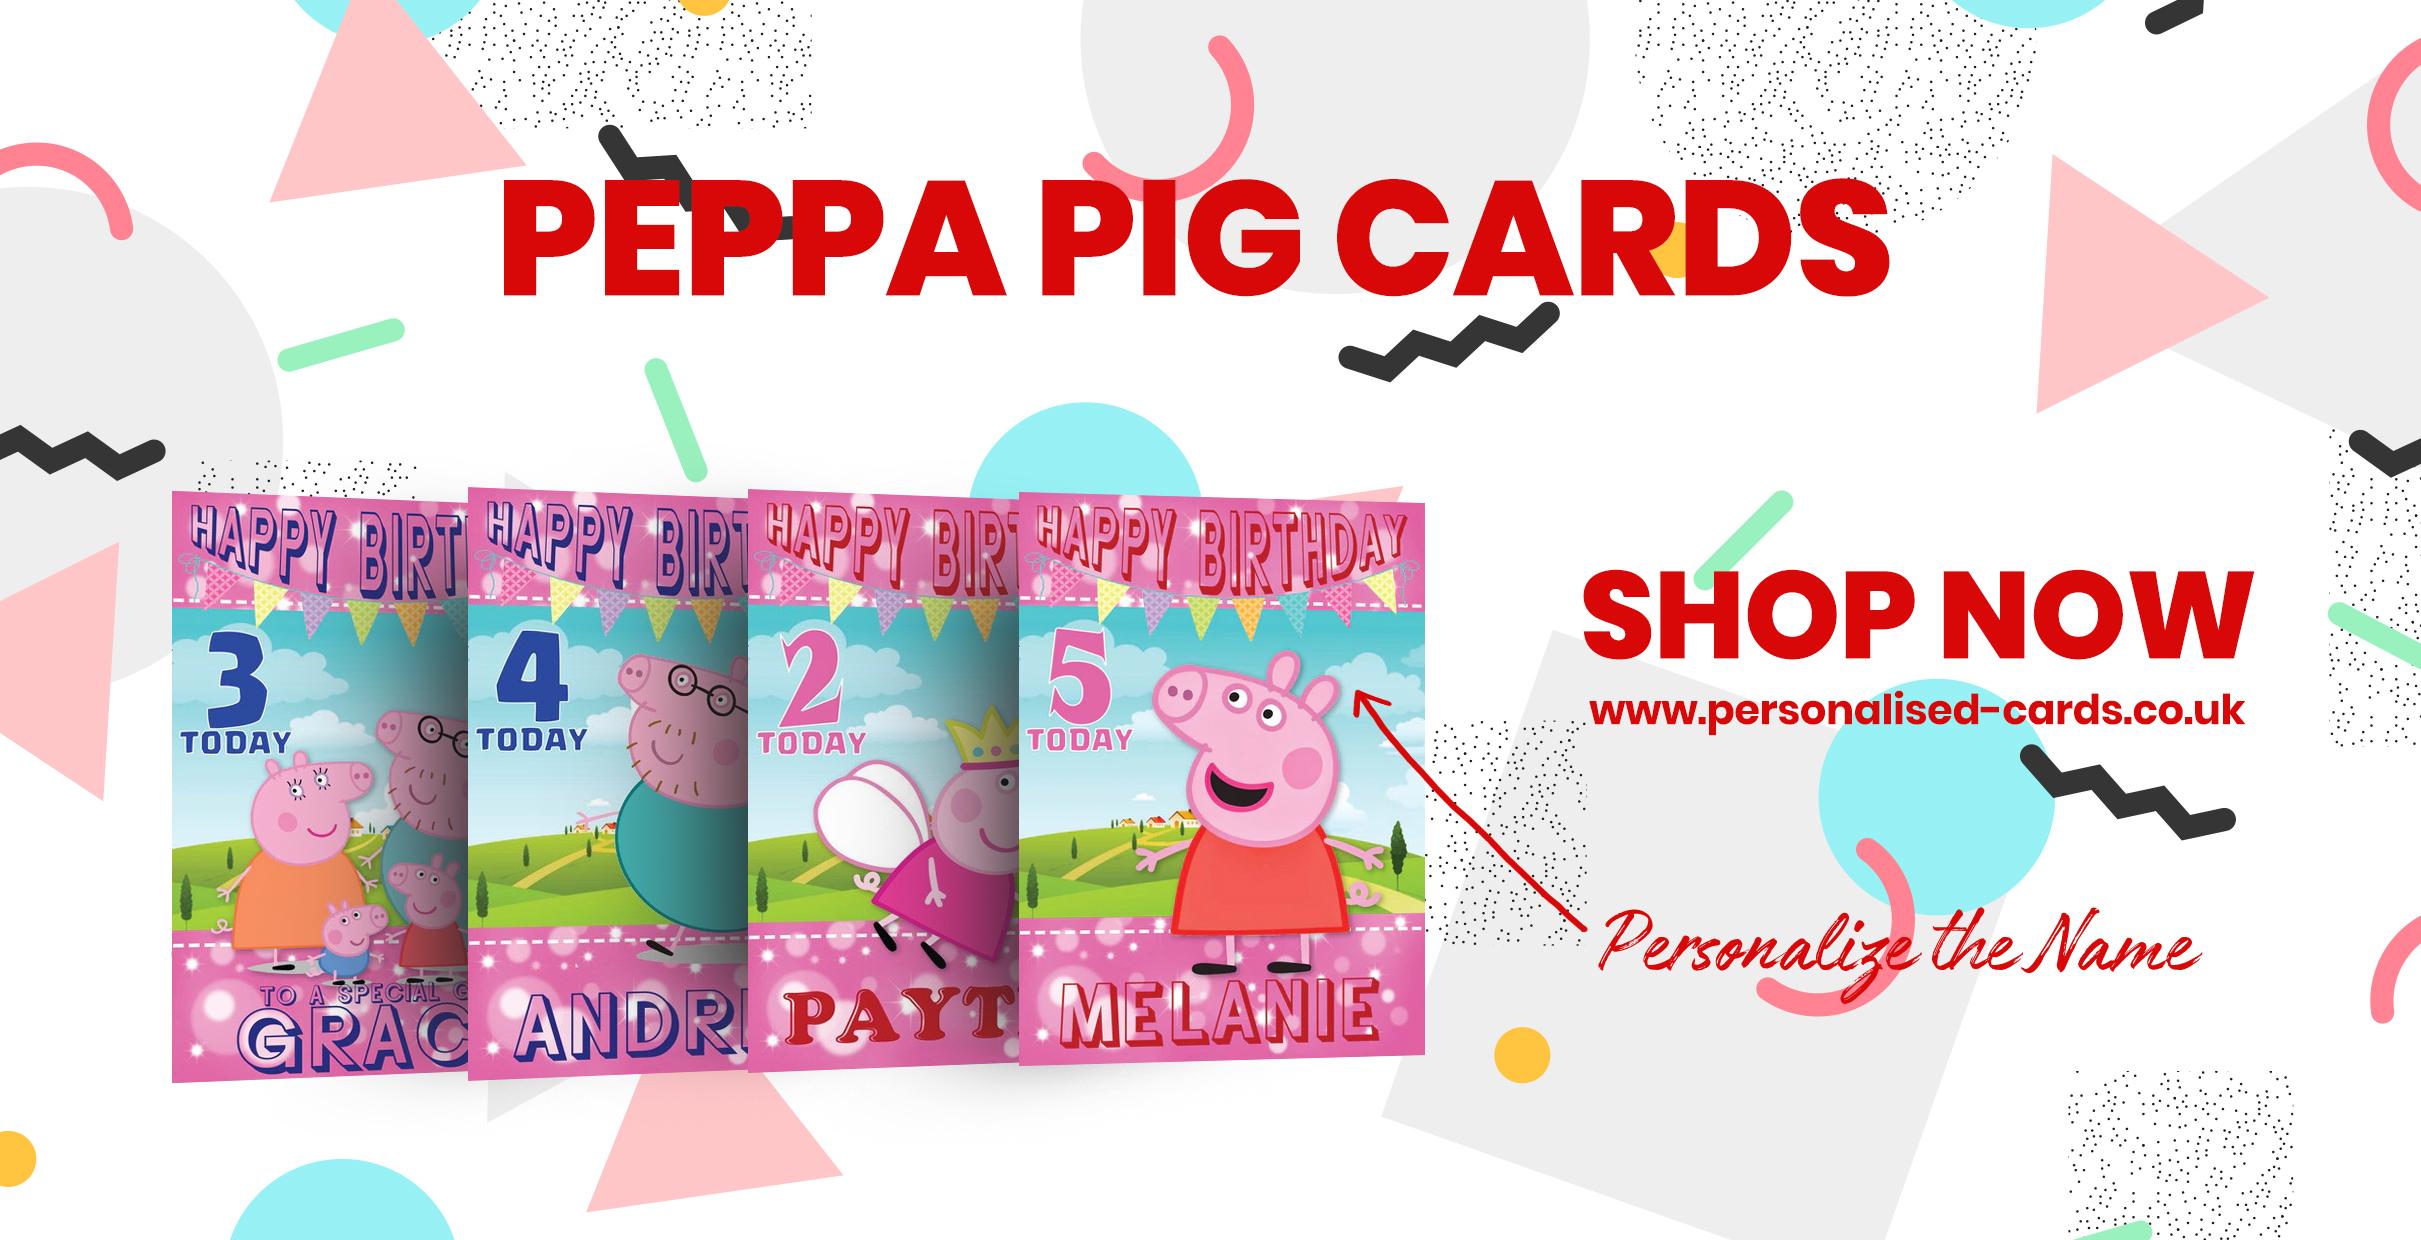 peppa-pig-cards.jpg